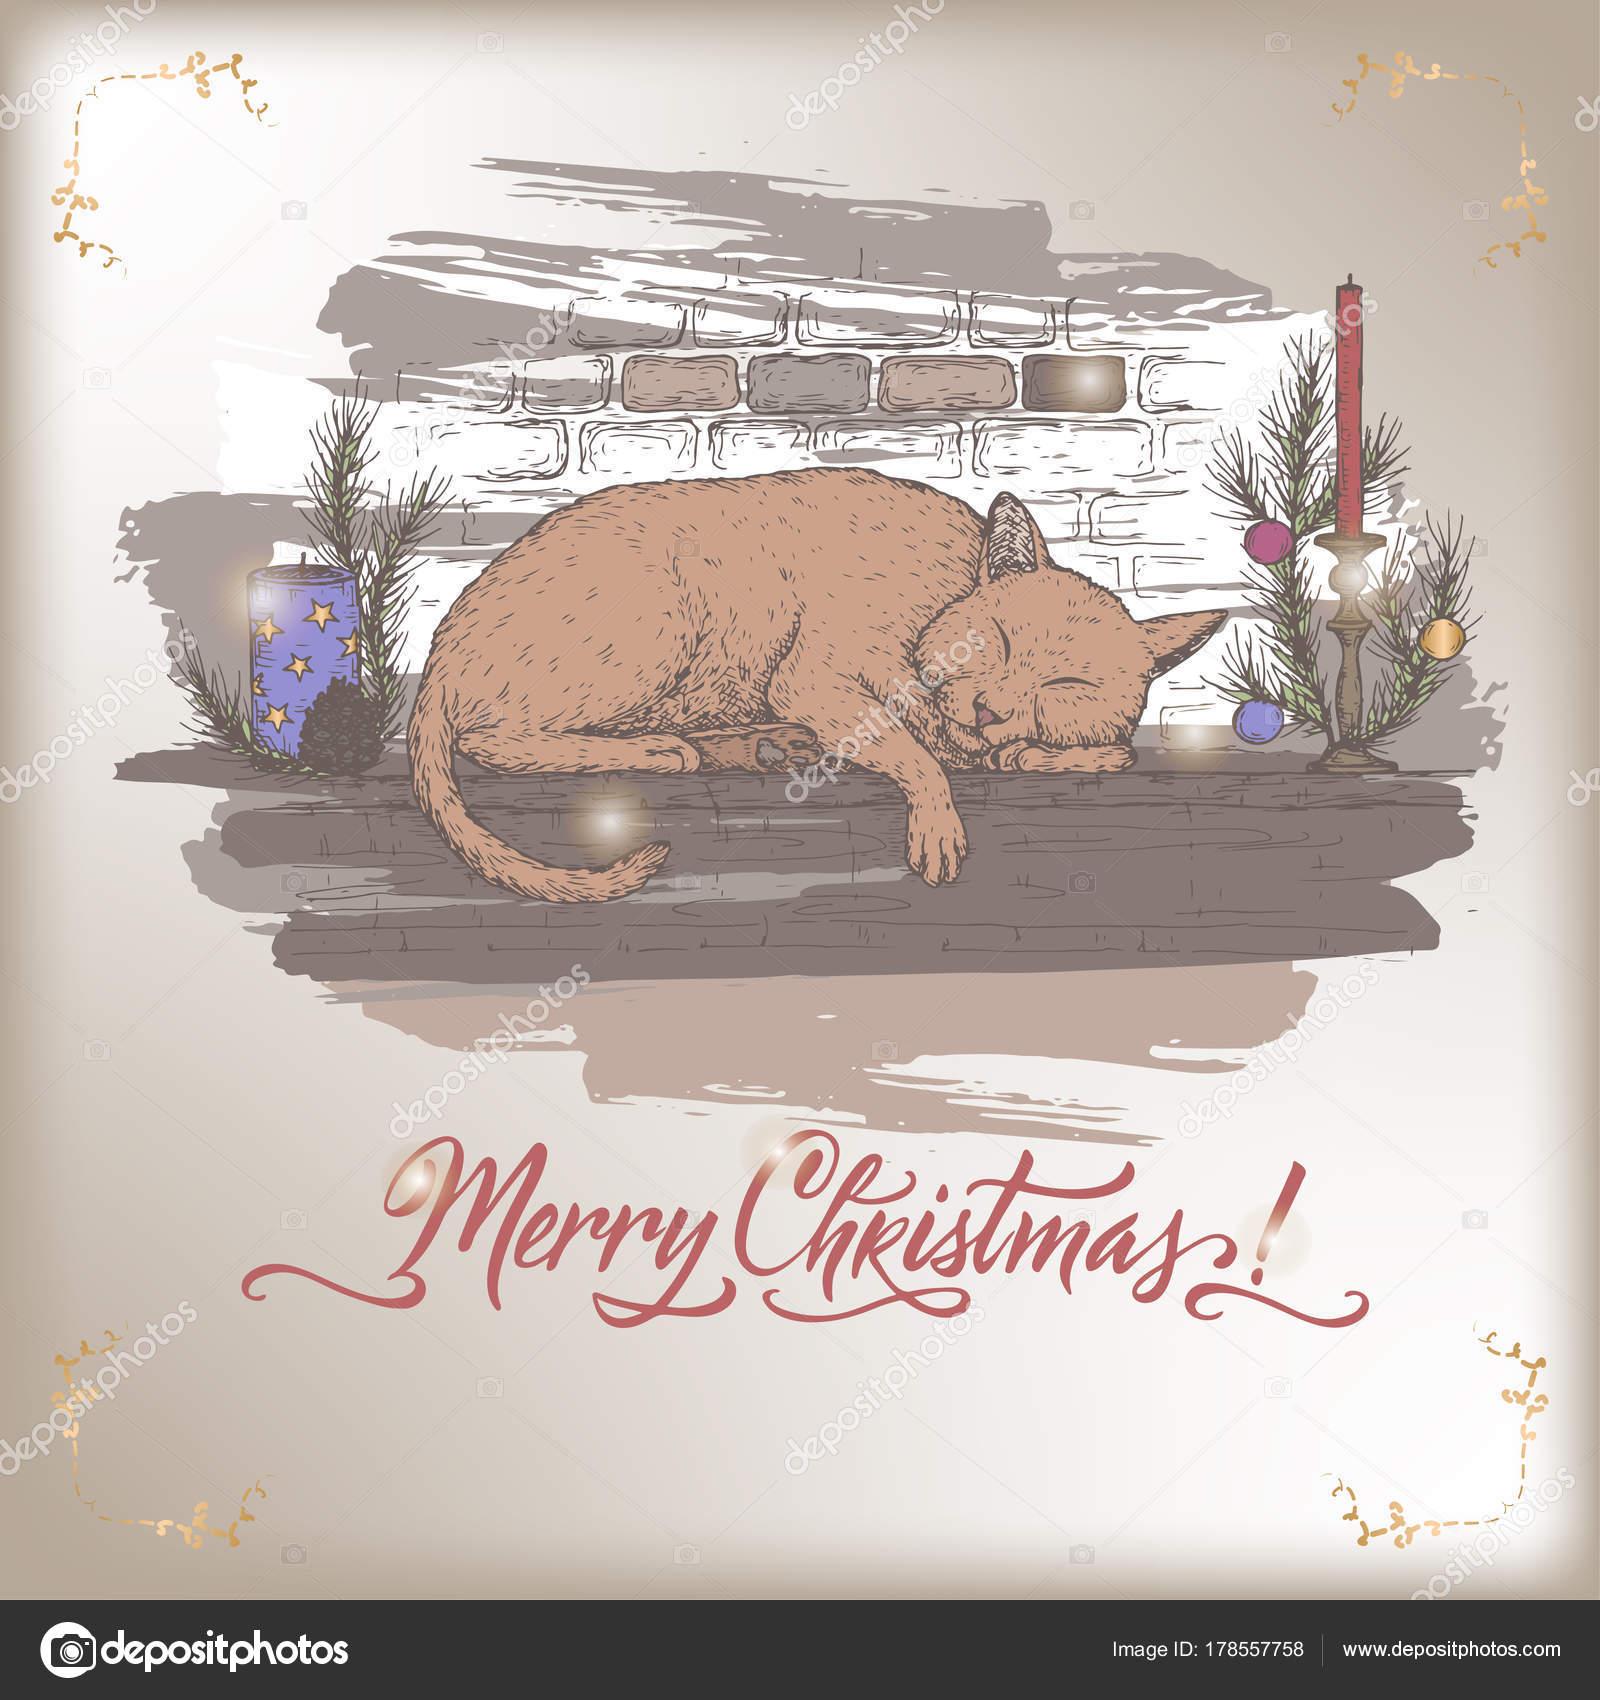 Vintage Farbe Weihnachten Karte Mit Katze Schläft Auf Verzierten Kamin  Kaminsimses Und Urlaub Pinsel Schriftzug